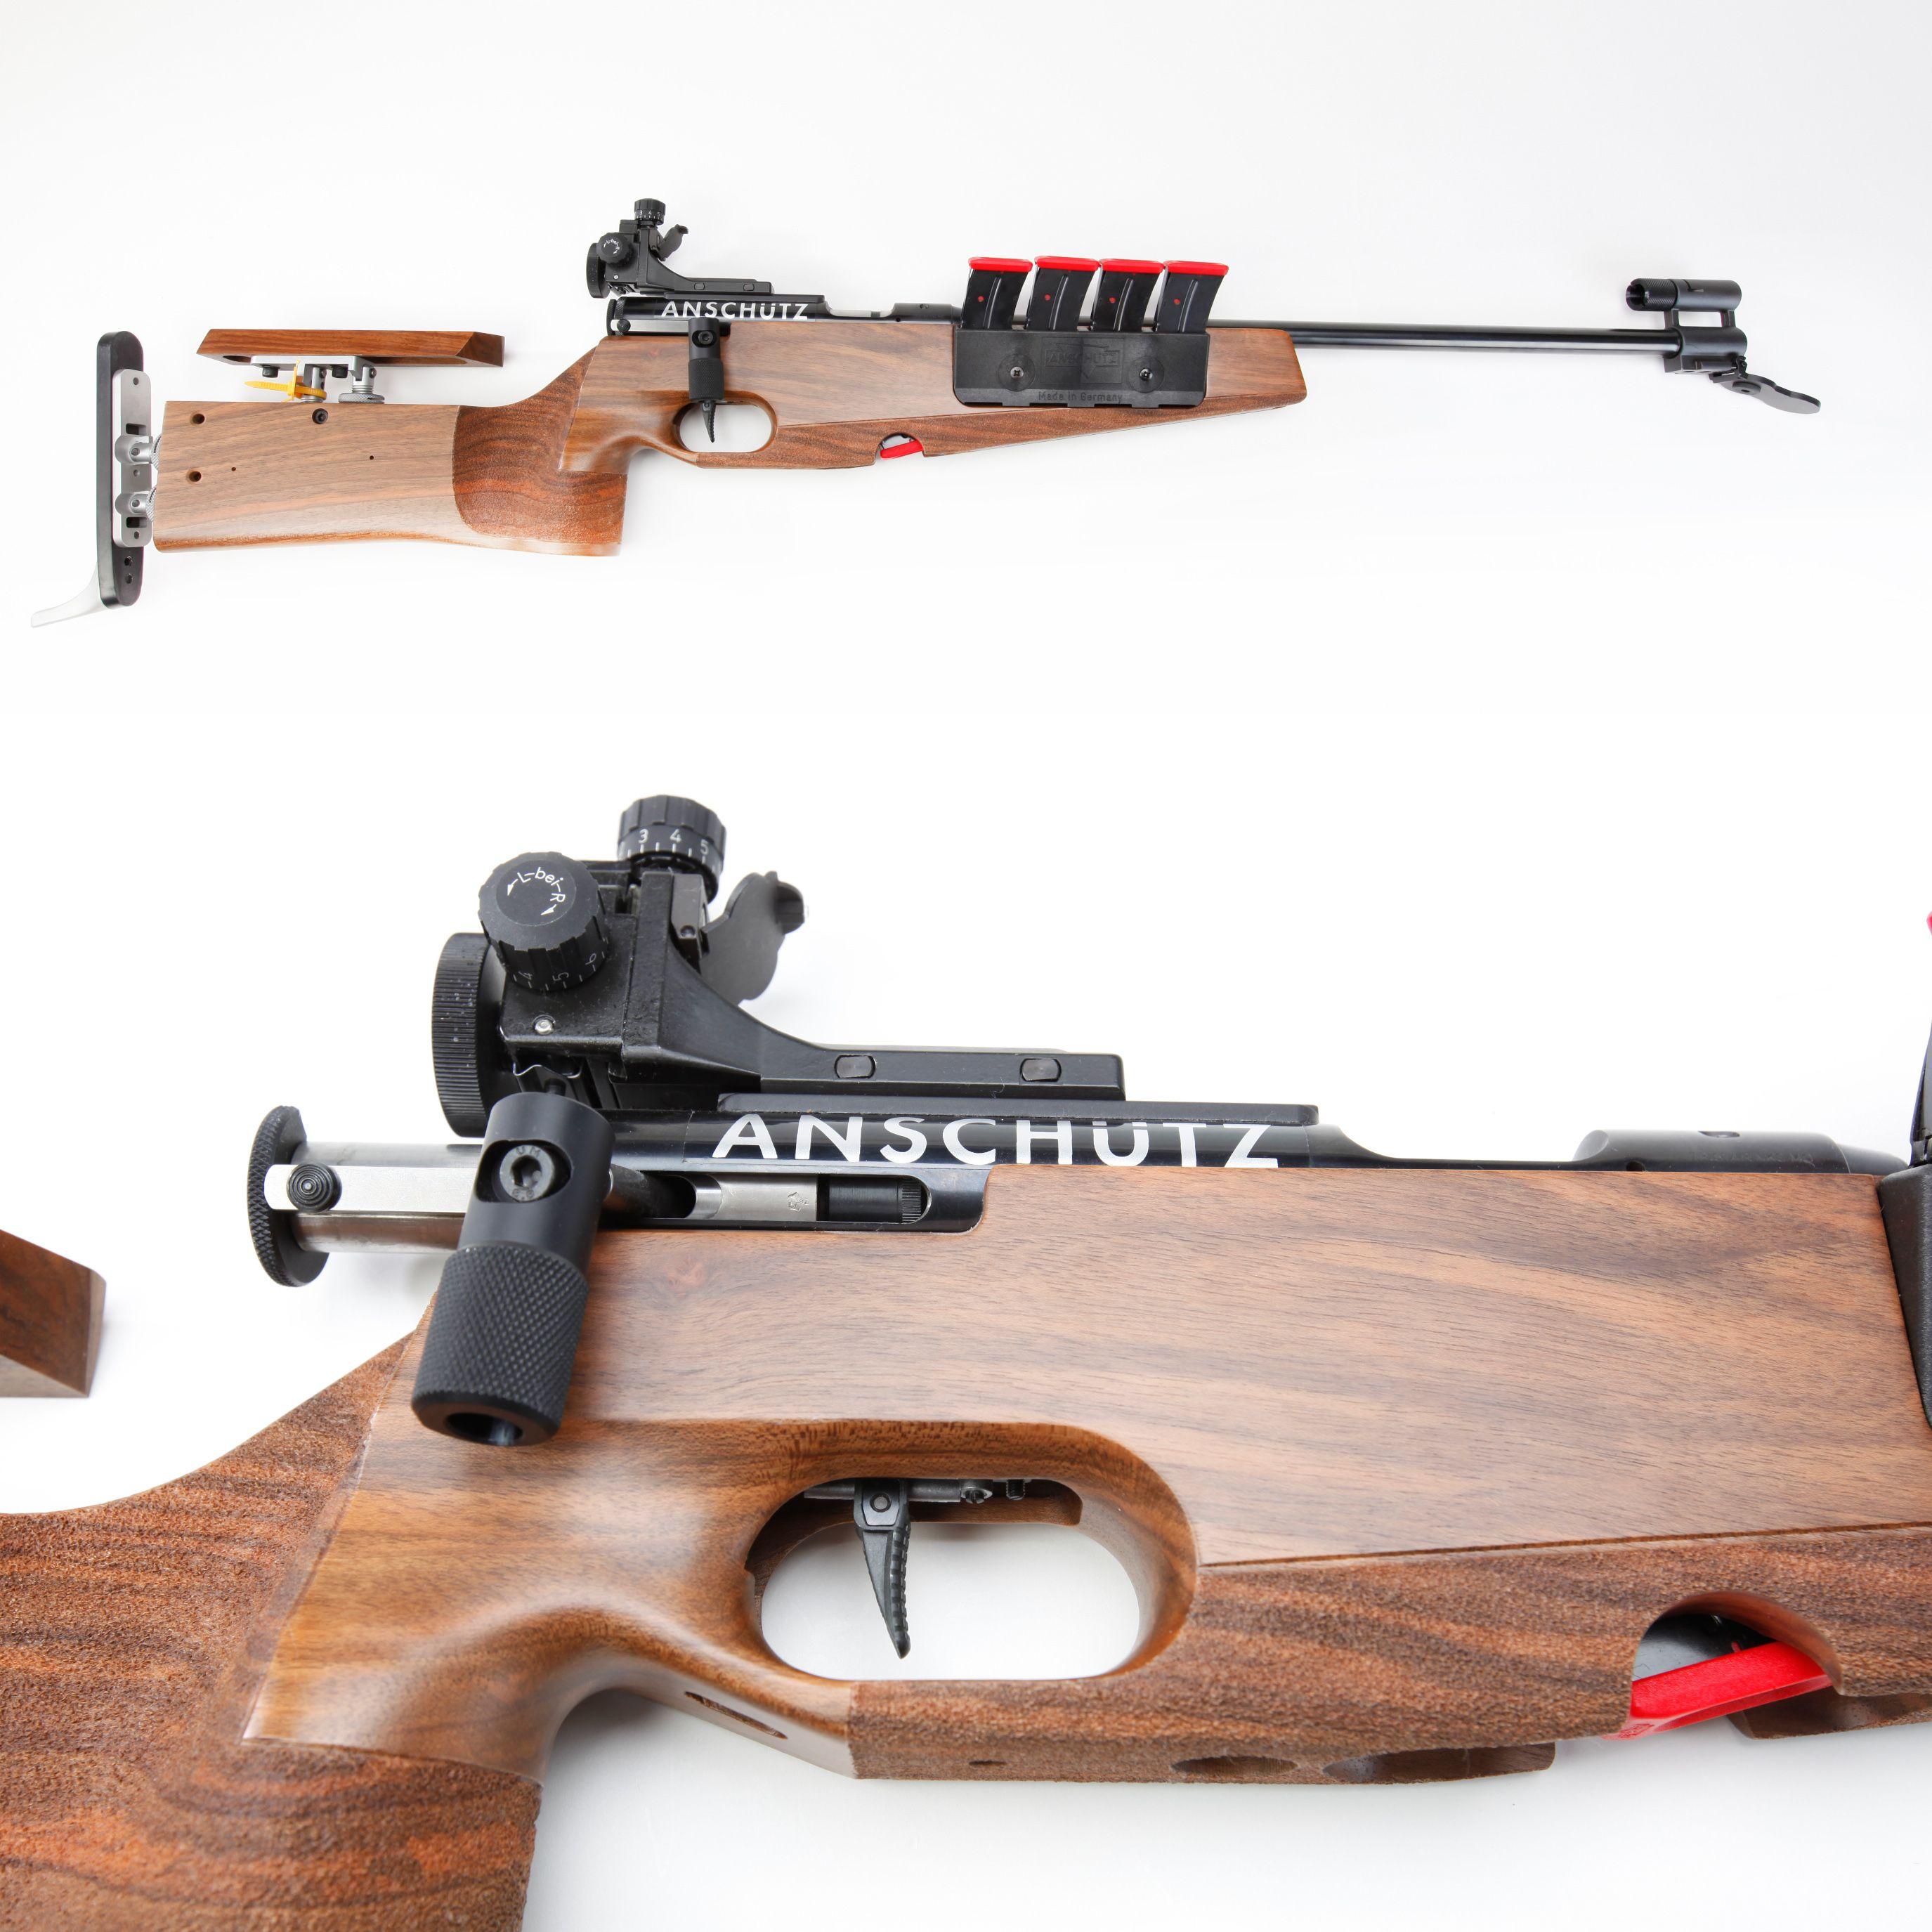 Anschutz Model 1827 Fortner Bolt Action Biathlon Rifle – Like all